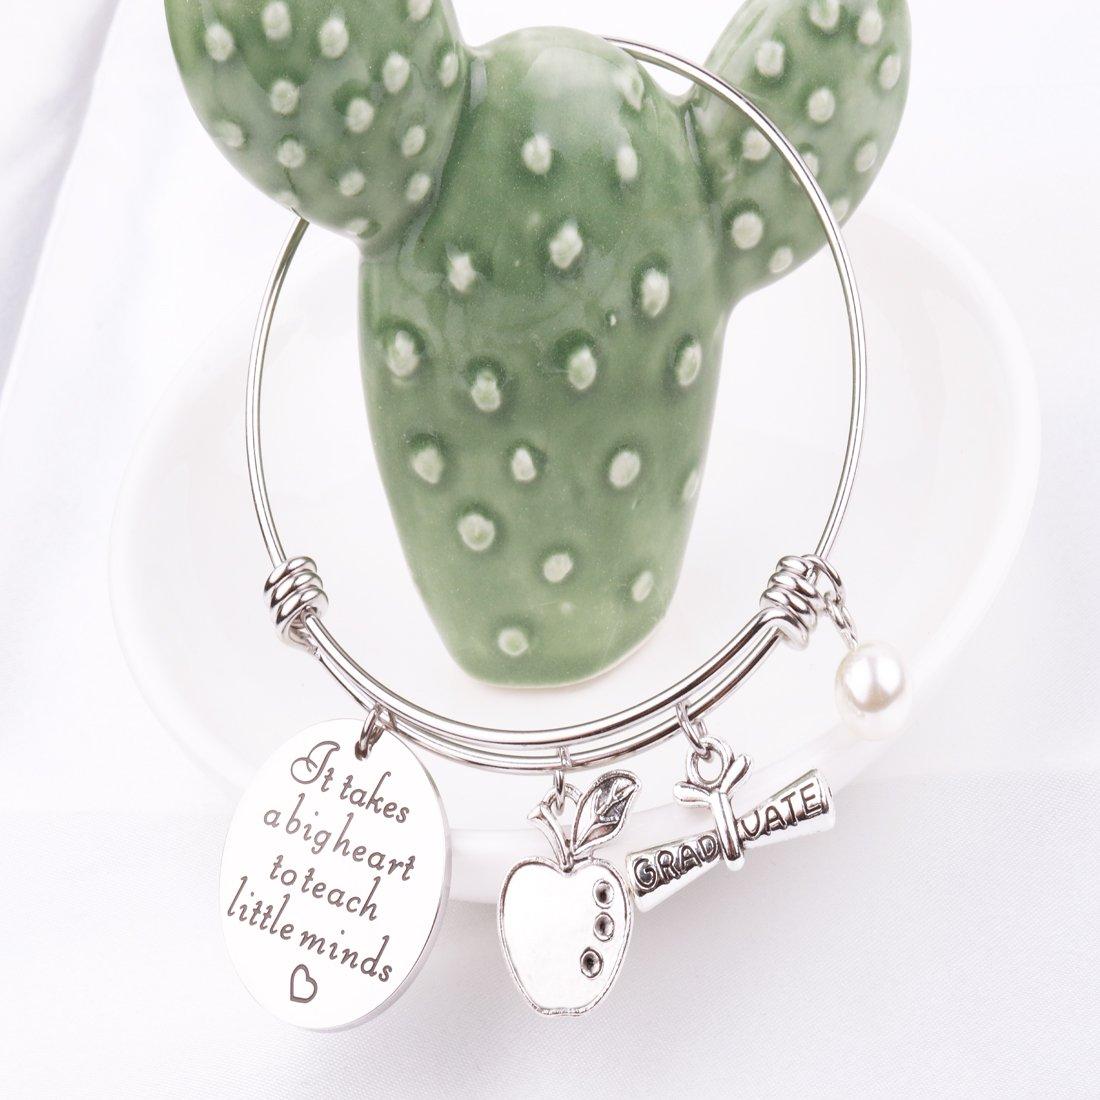 RUNXINTD Teacher Appreciation Gift It Takes a Big Heart to Teach Little Minds/